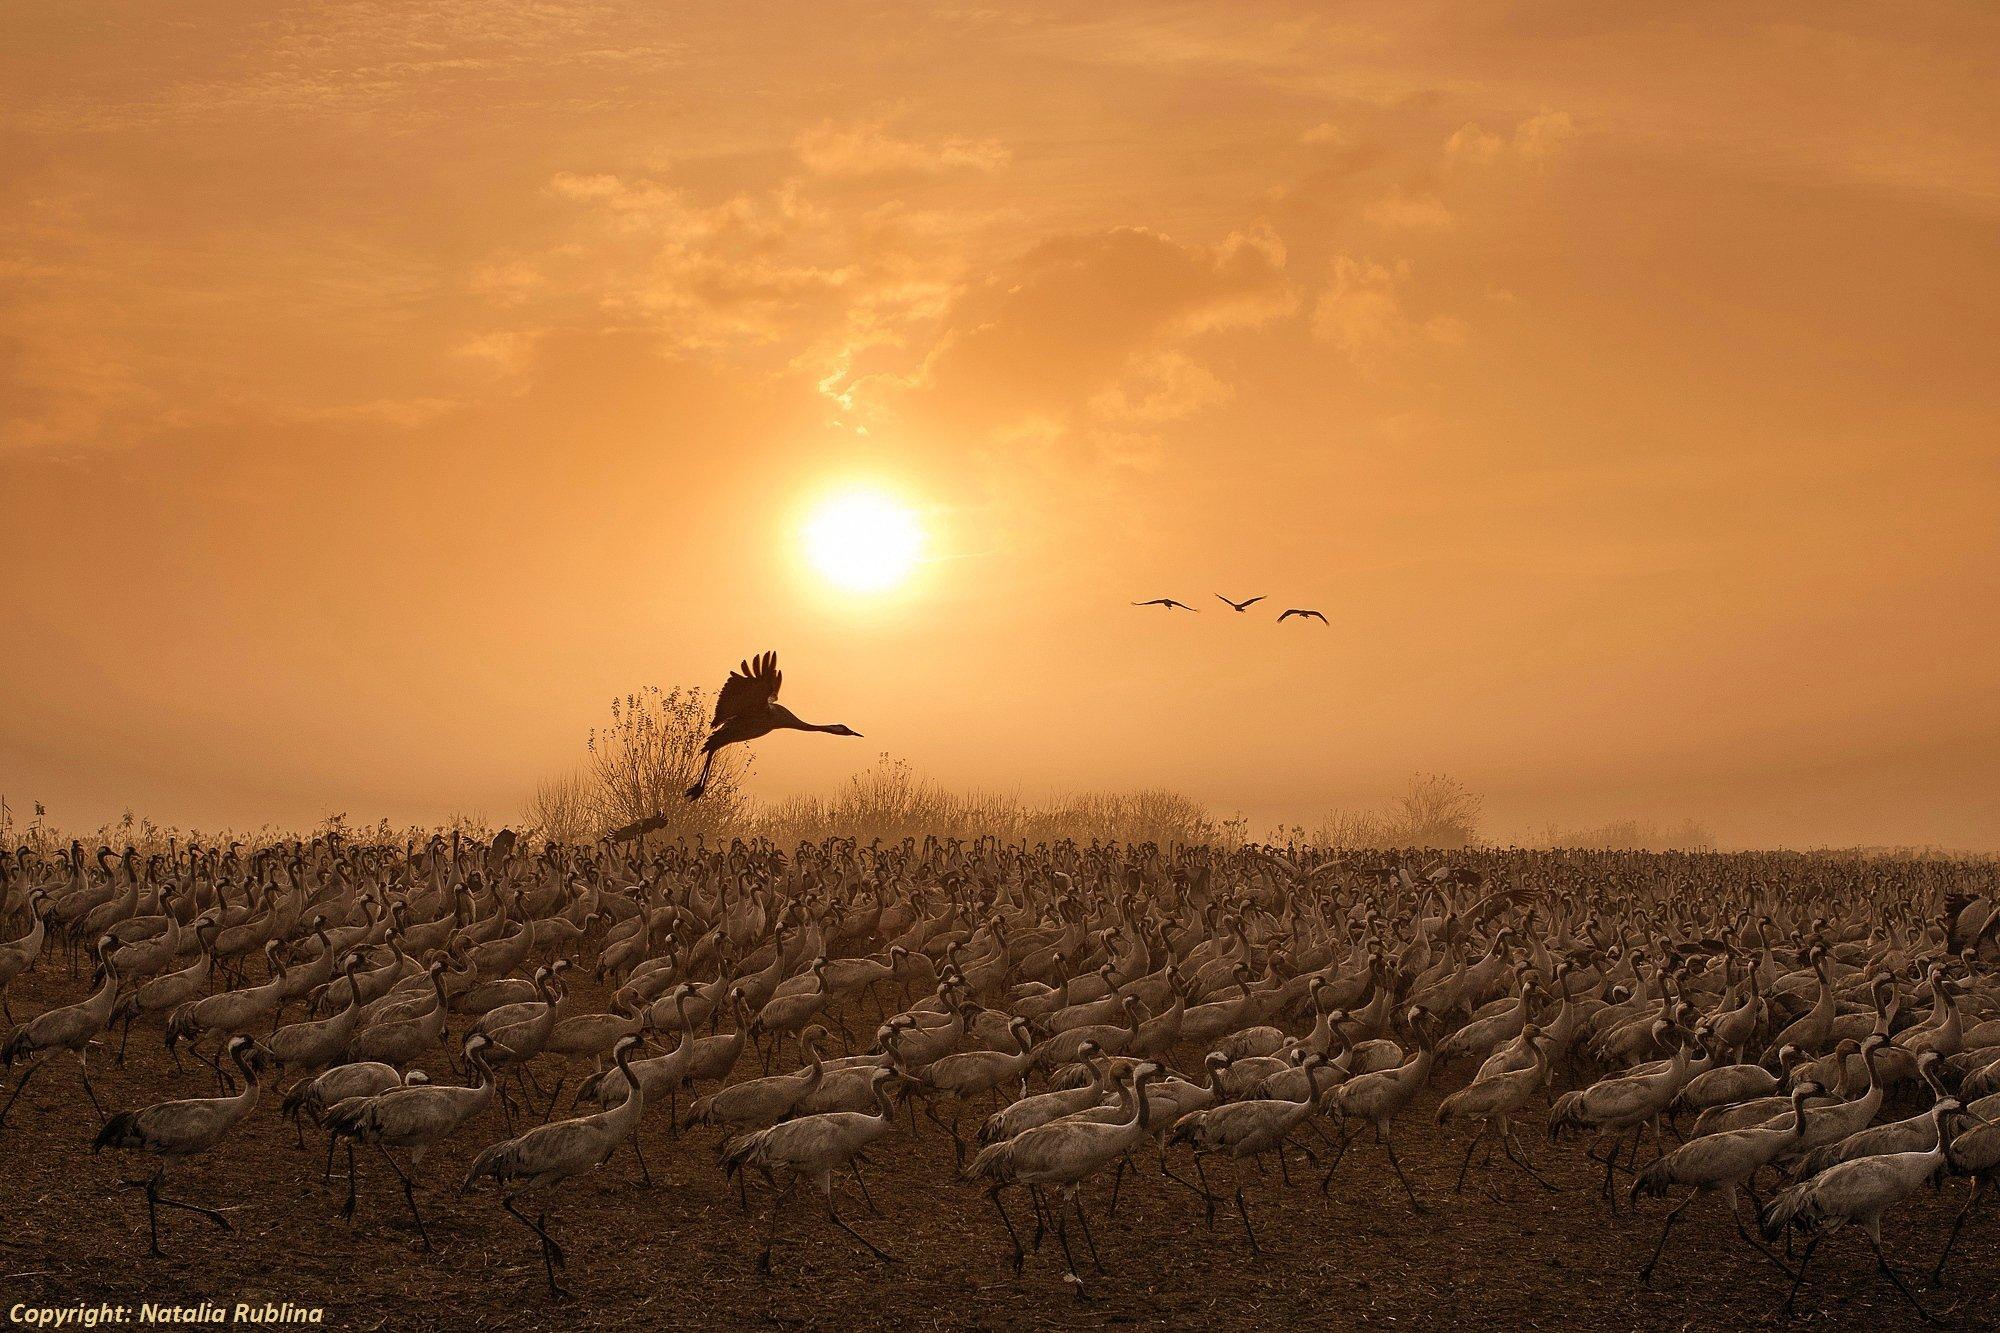 животные, журавли, природа, птицы, рассвет, свет, солнце, утро, Наталья Рублина